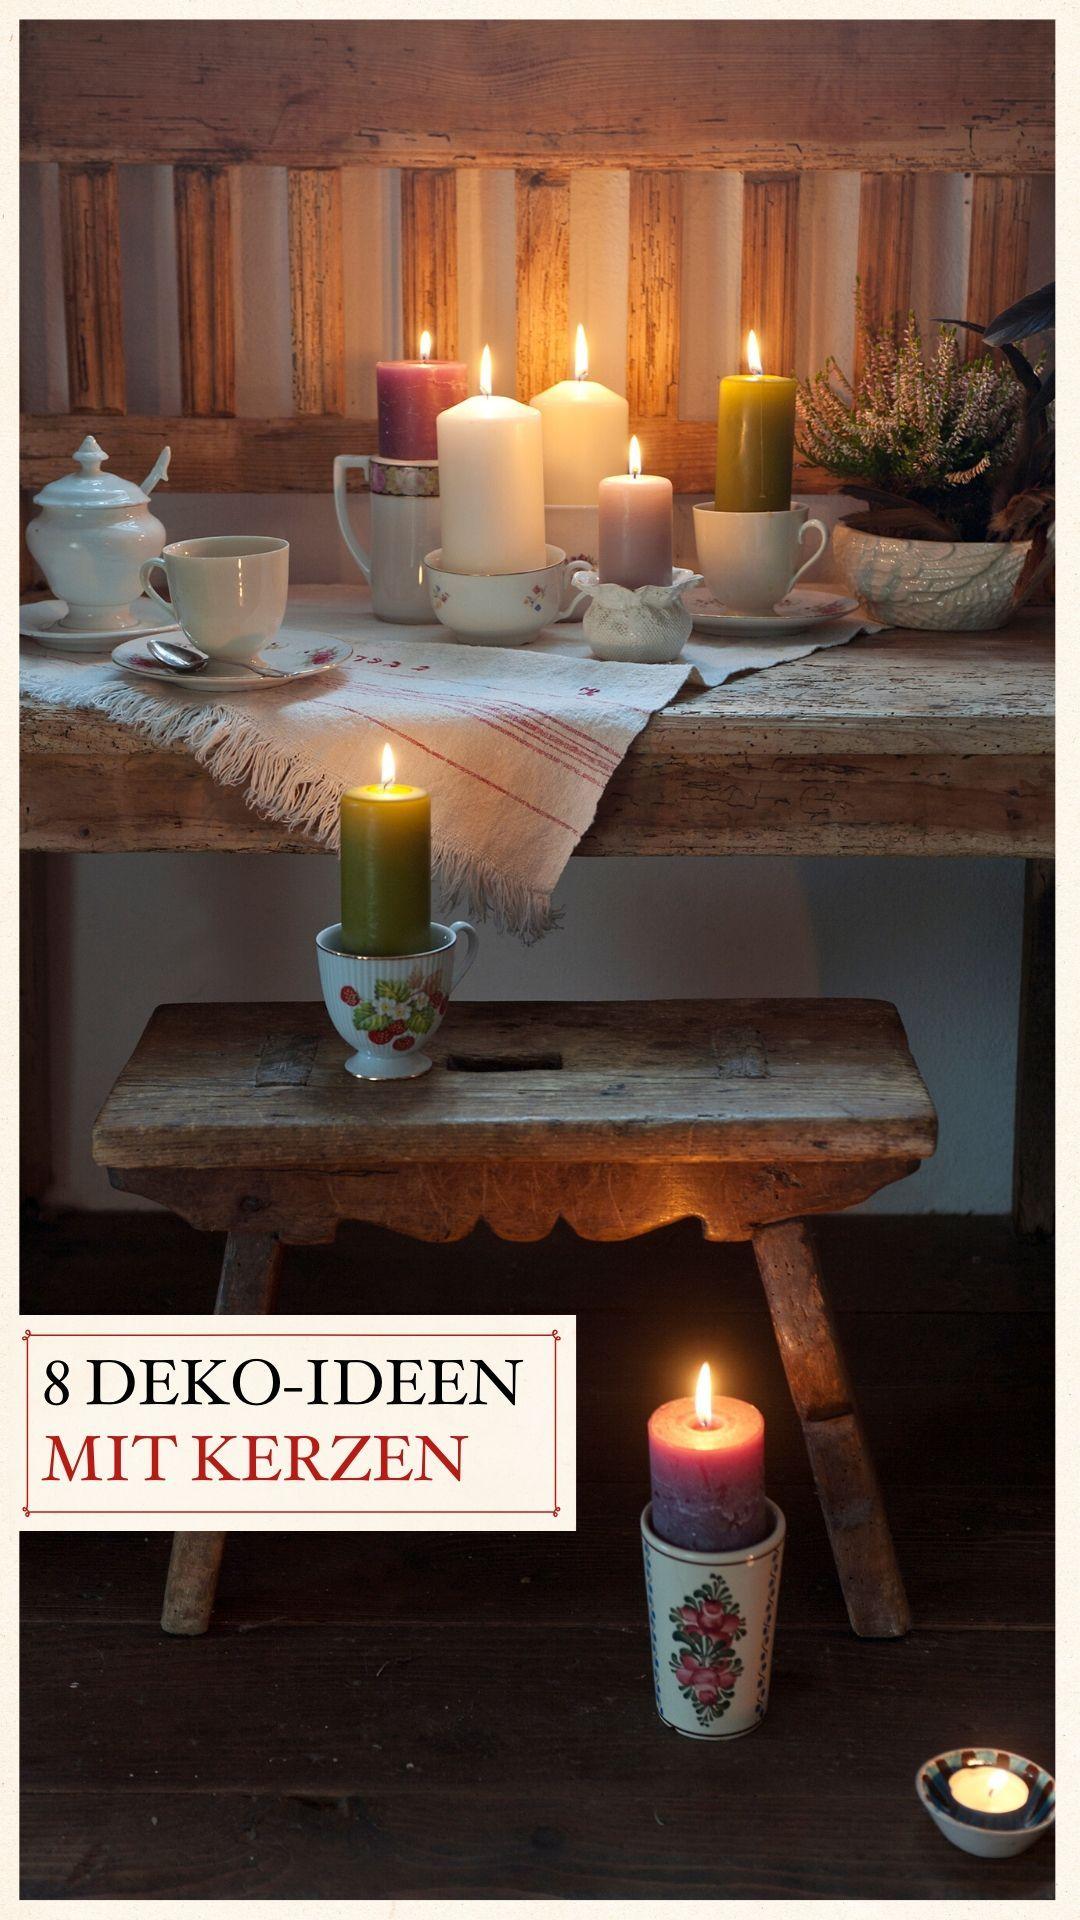 8 Deko Ideen Mit Kerzen Kerzen Deko Ideen Und Deko